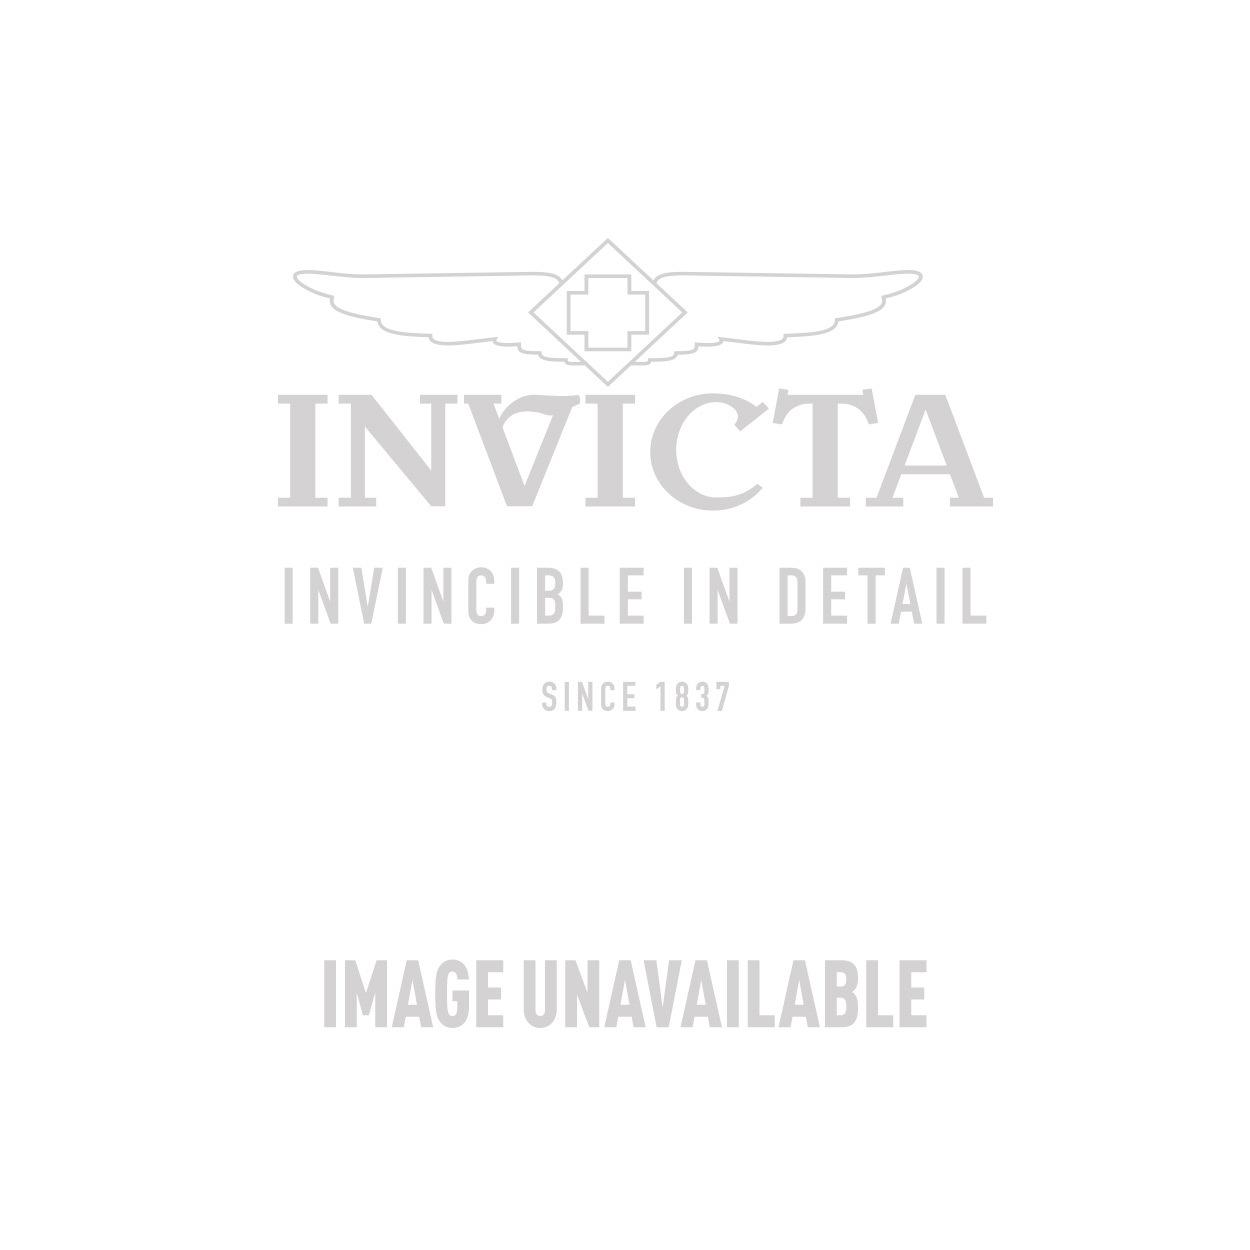 Invicta Model 21940